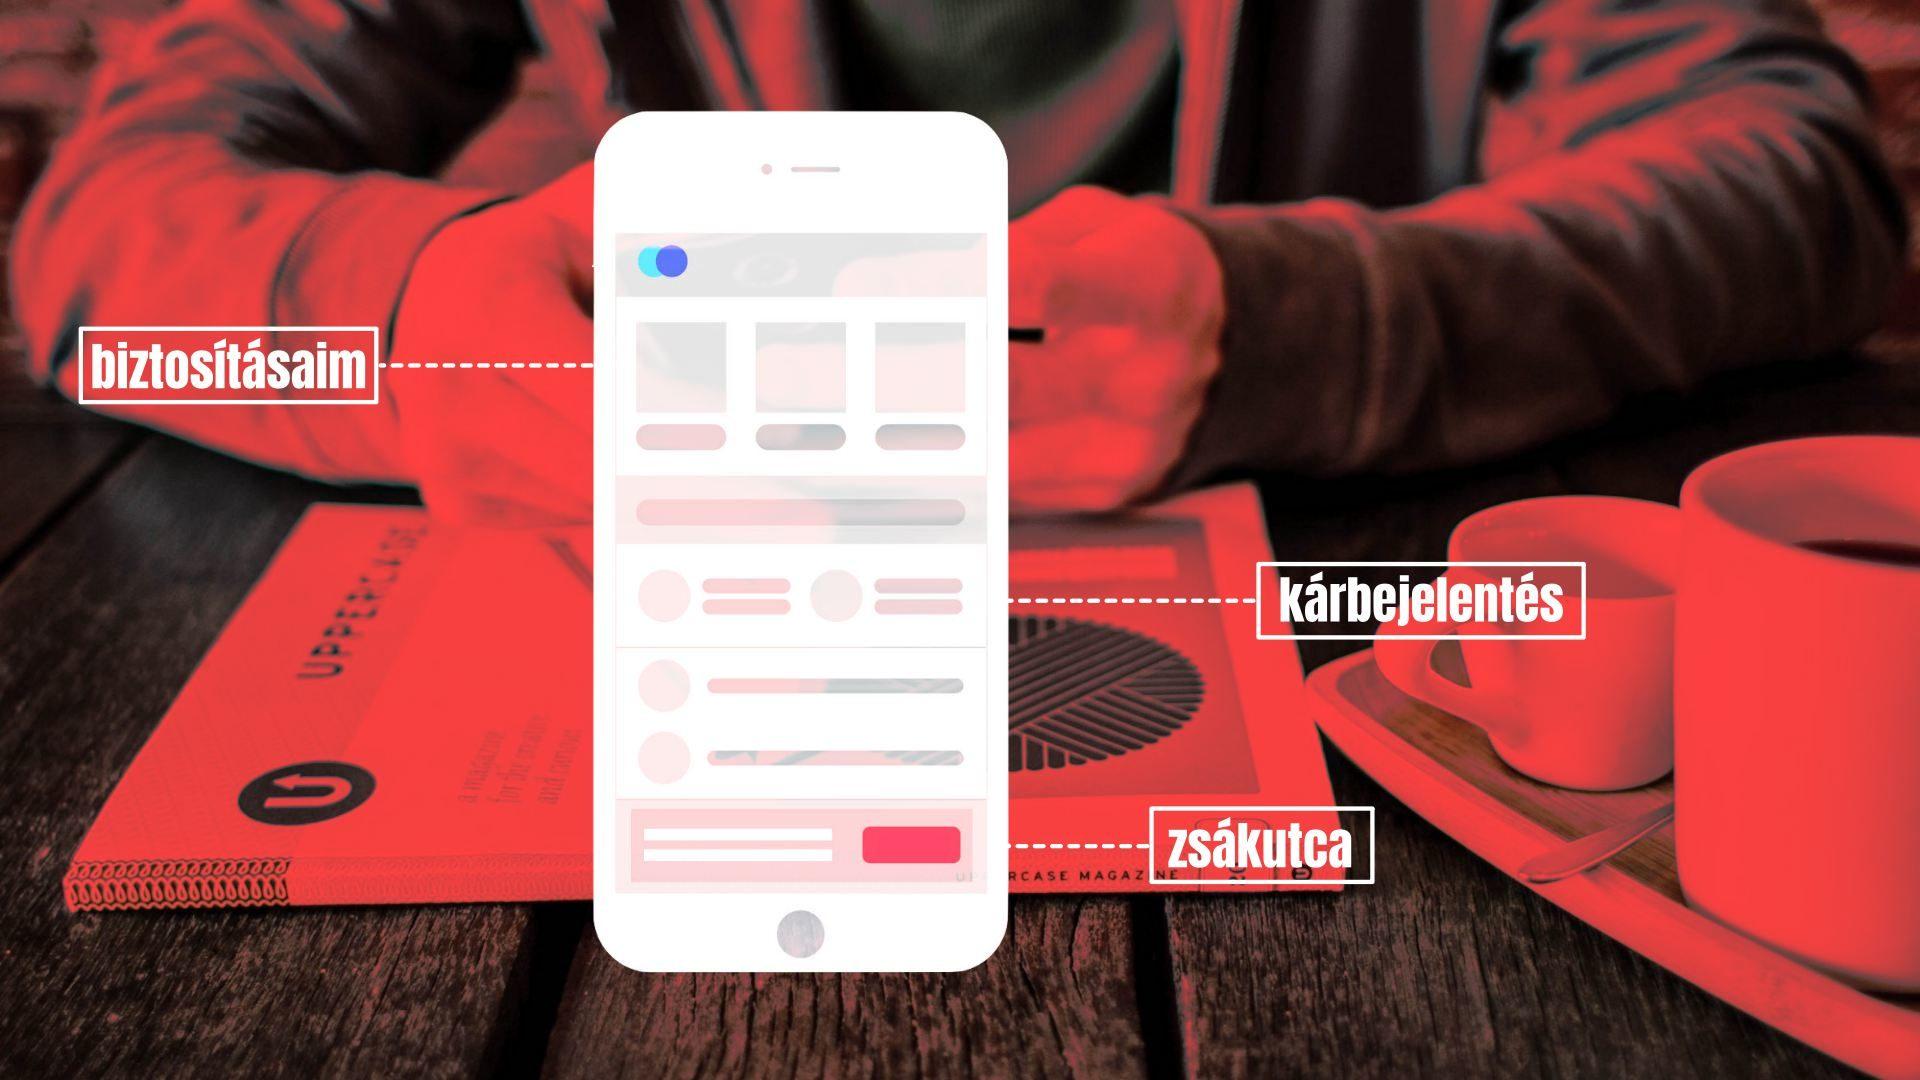 biztositoi mobilalkalmazas app karbejelentes